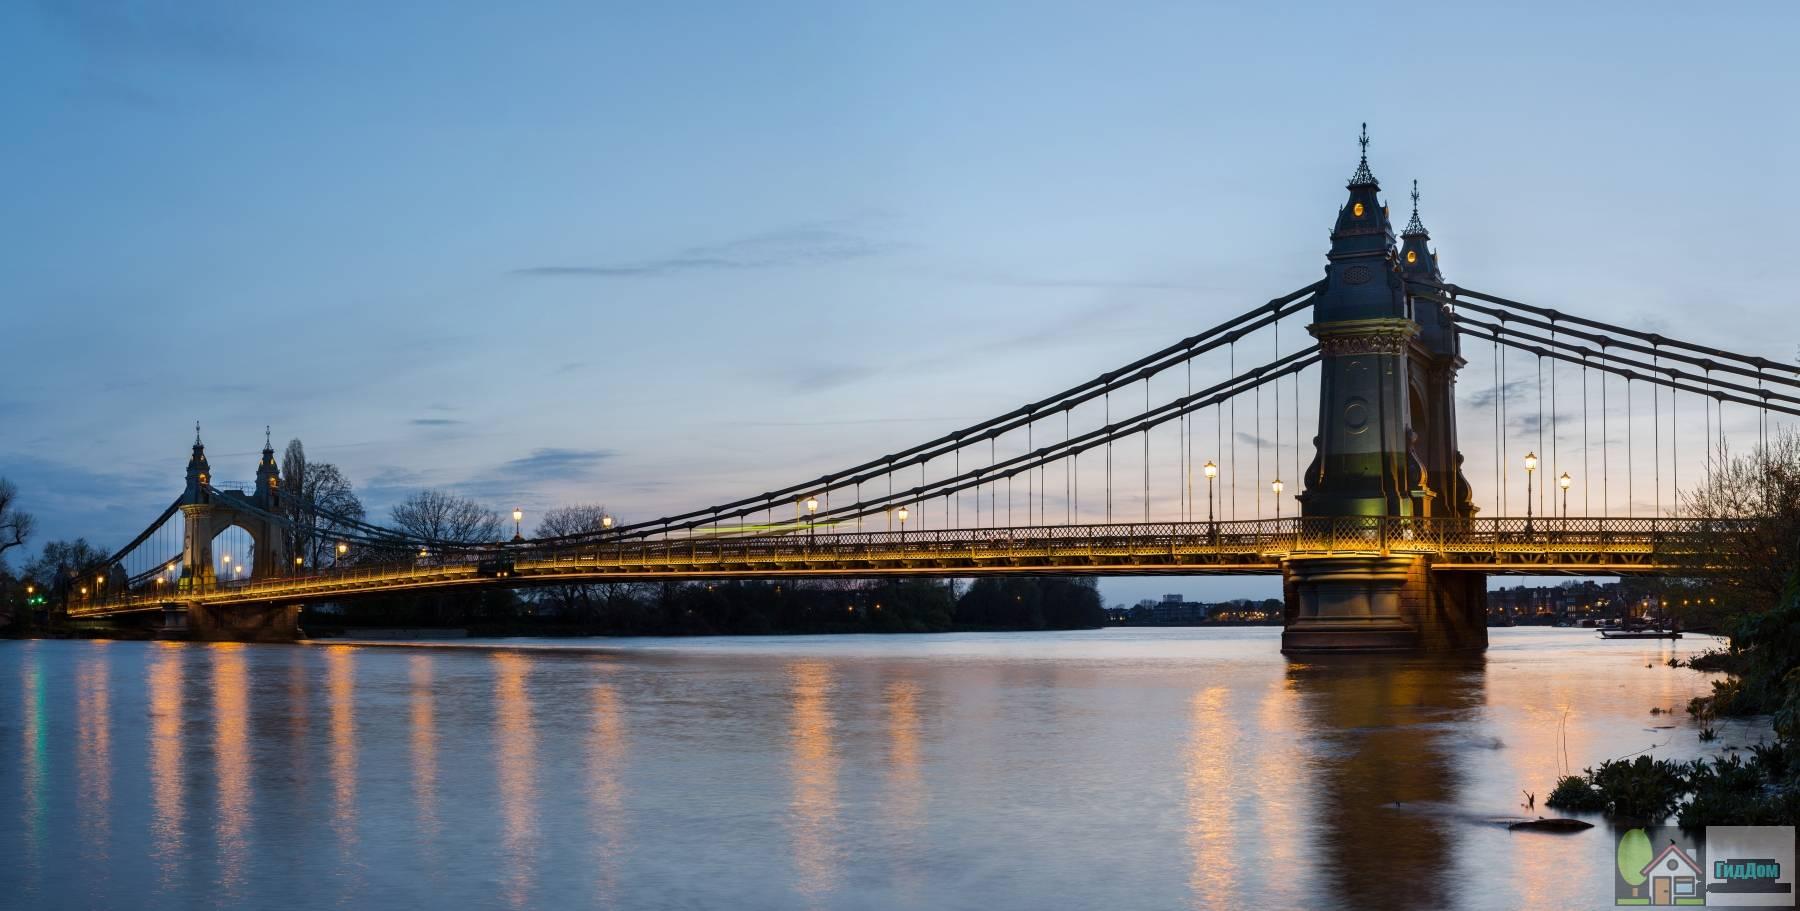 Хаммерсмитский мост через Темзу